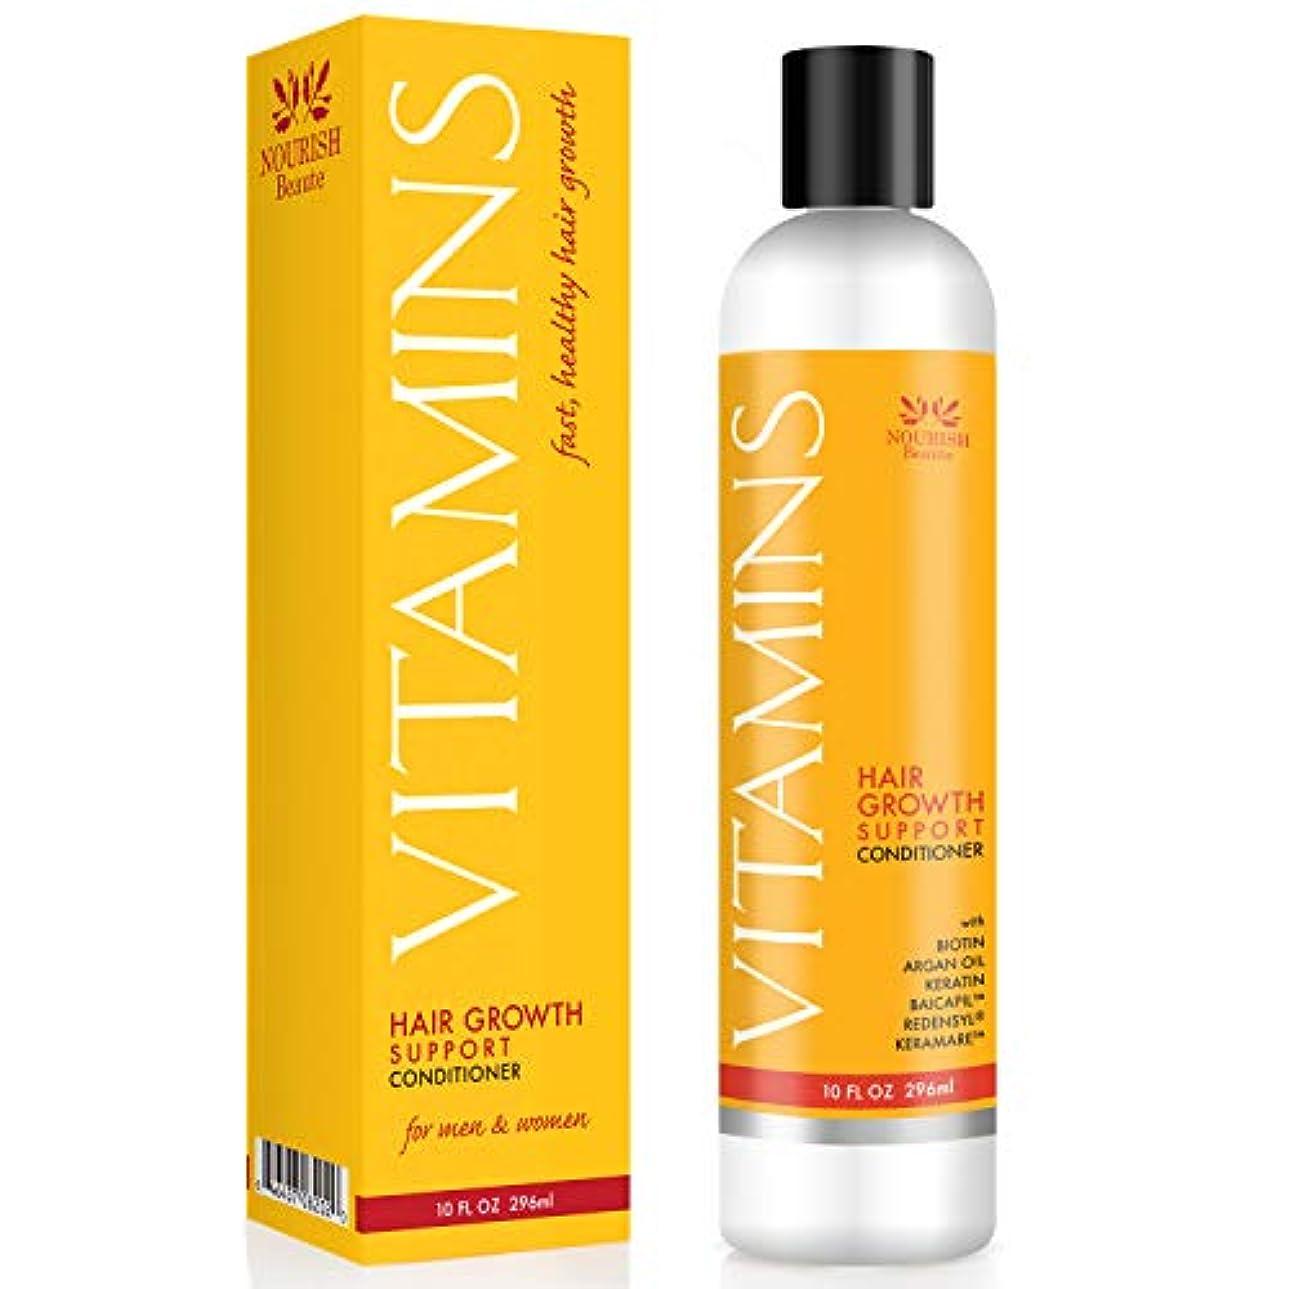 威する時間厳守疑問を超えてVitamins - オーガニック 脱毛トリートメント コンディショナー Organic Hair Loss Treatment and Conditioner, 10 Ounce (296ml)